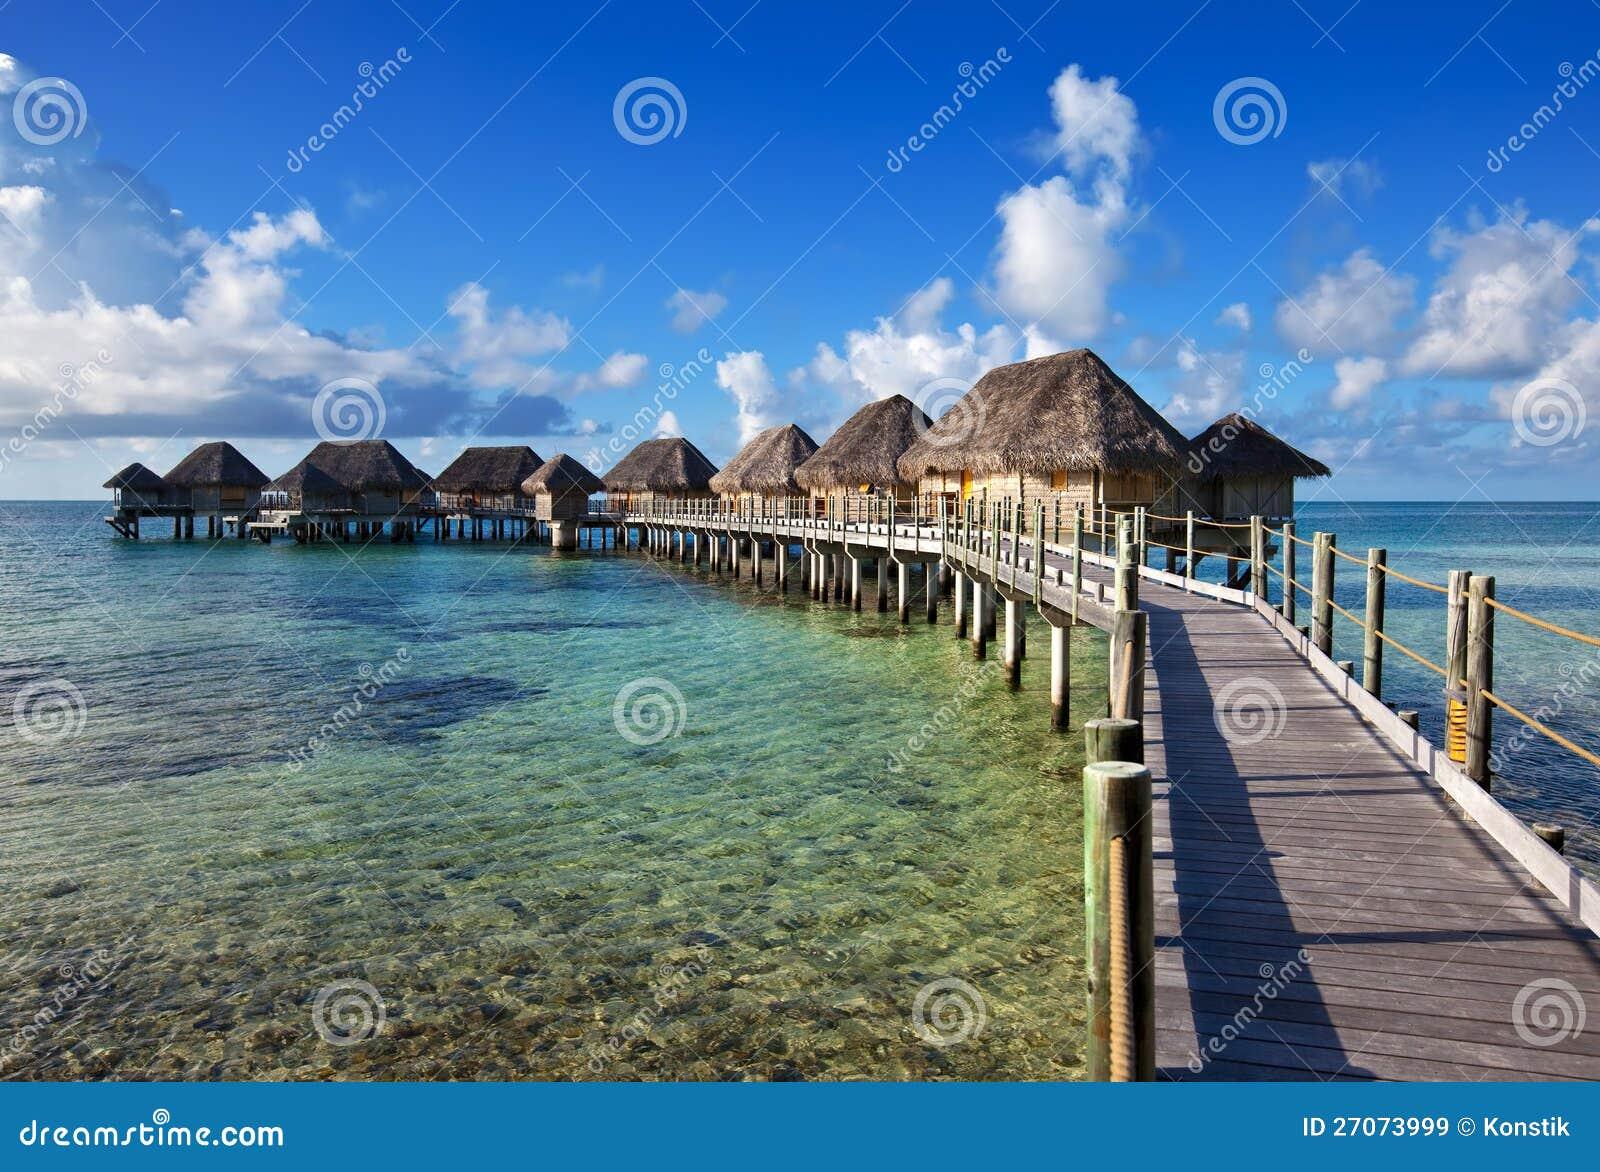 Peque as casas sobre el mar mar tropical un paisaje - Casas en el mar ...